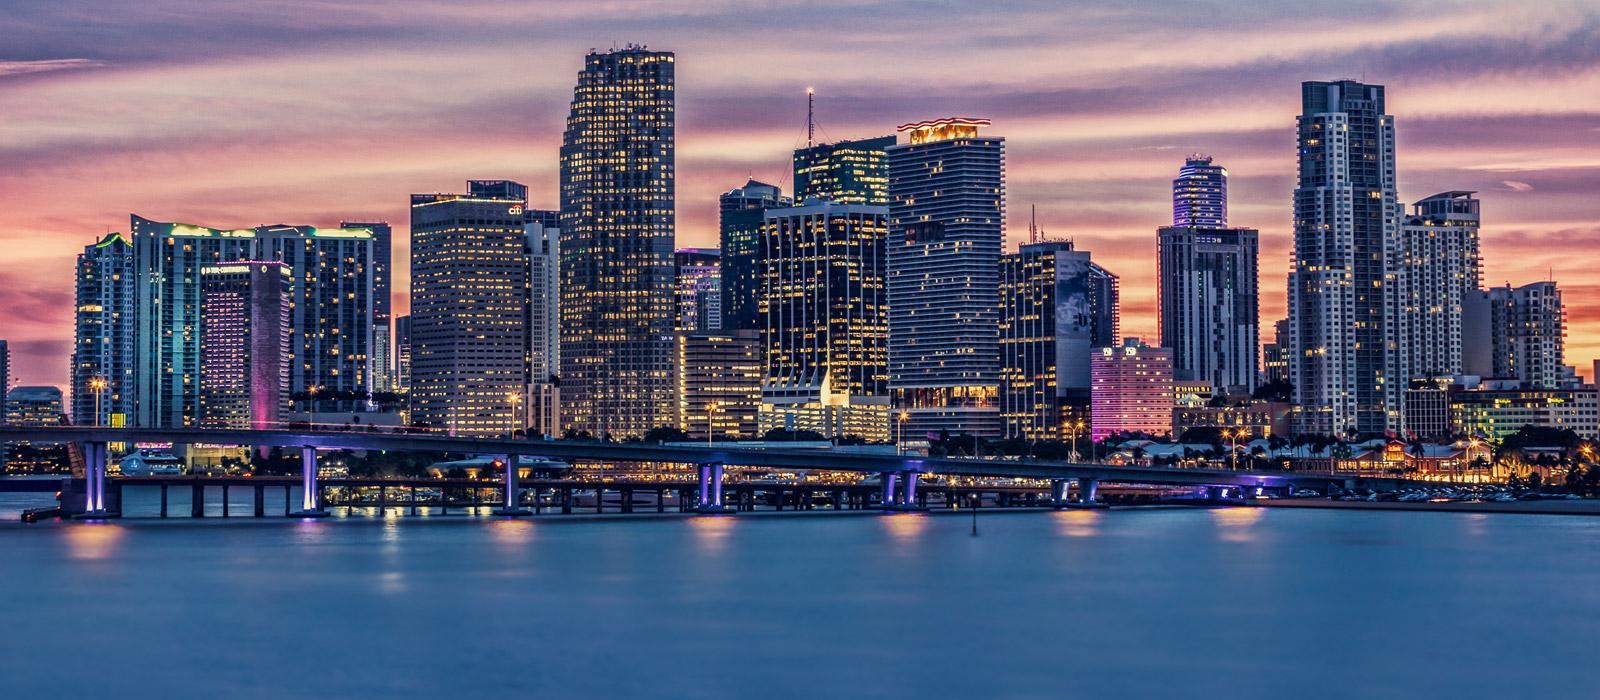 ACM WiSec 2019 -- Miami FL, USA |